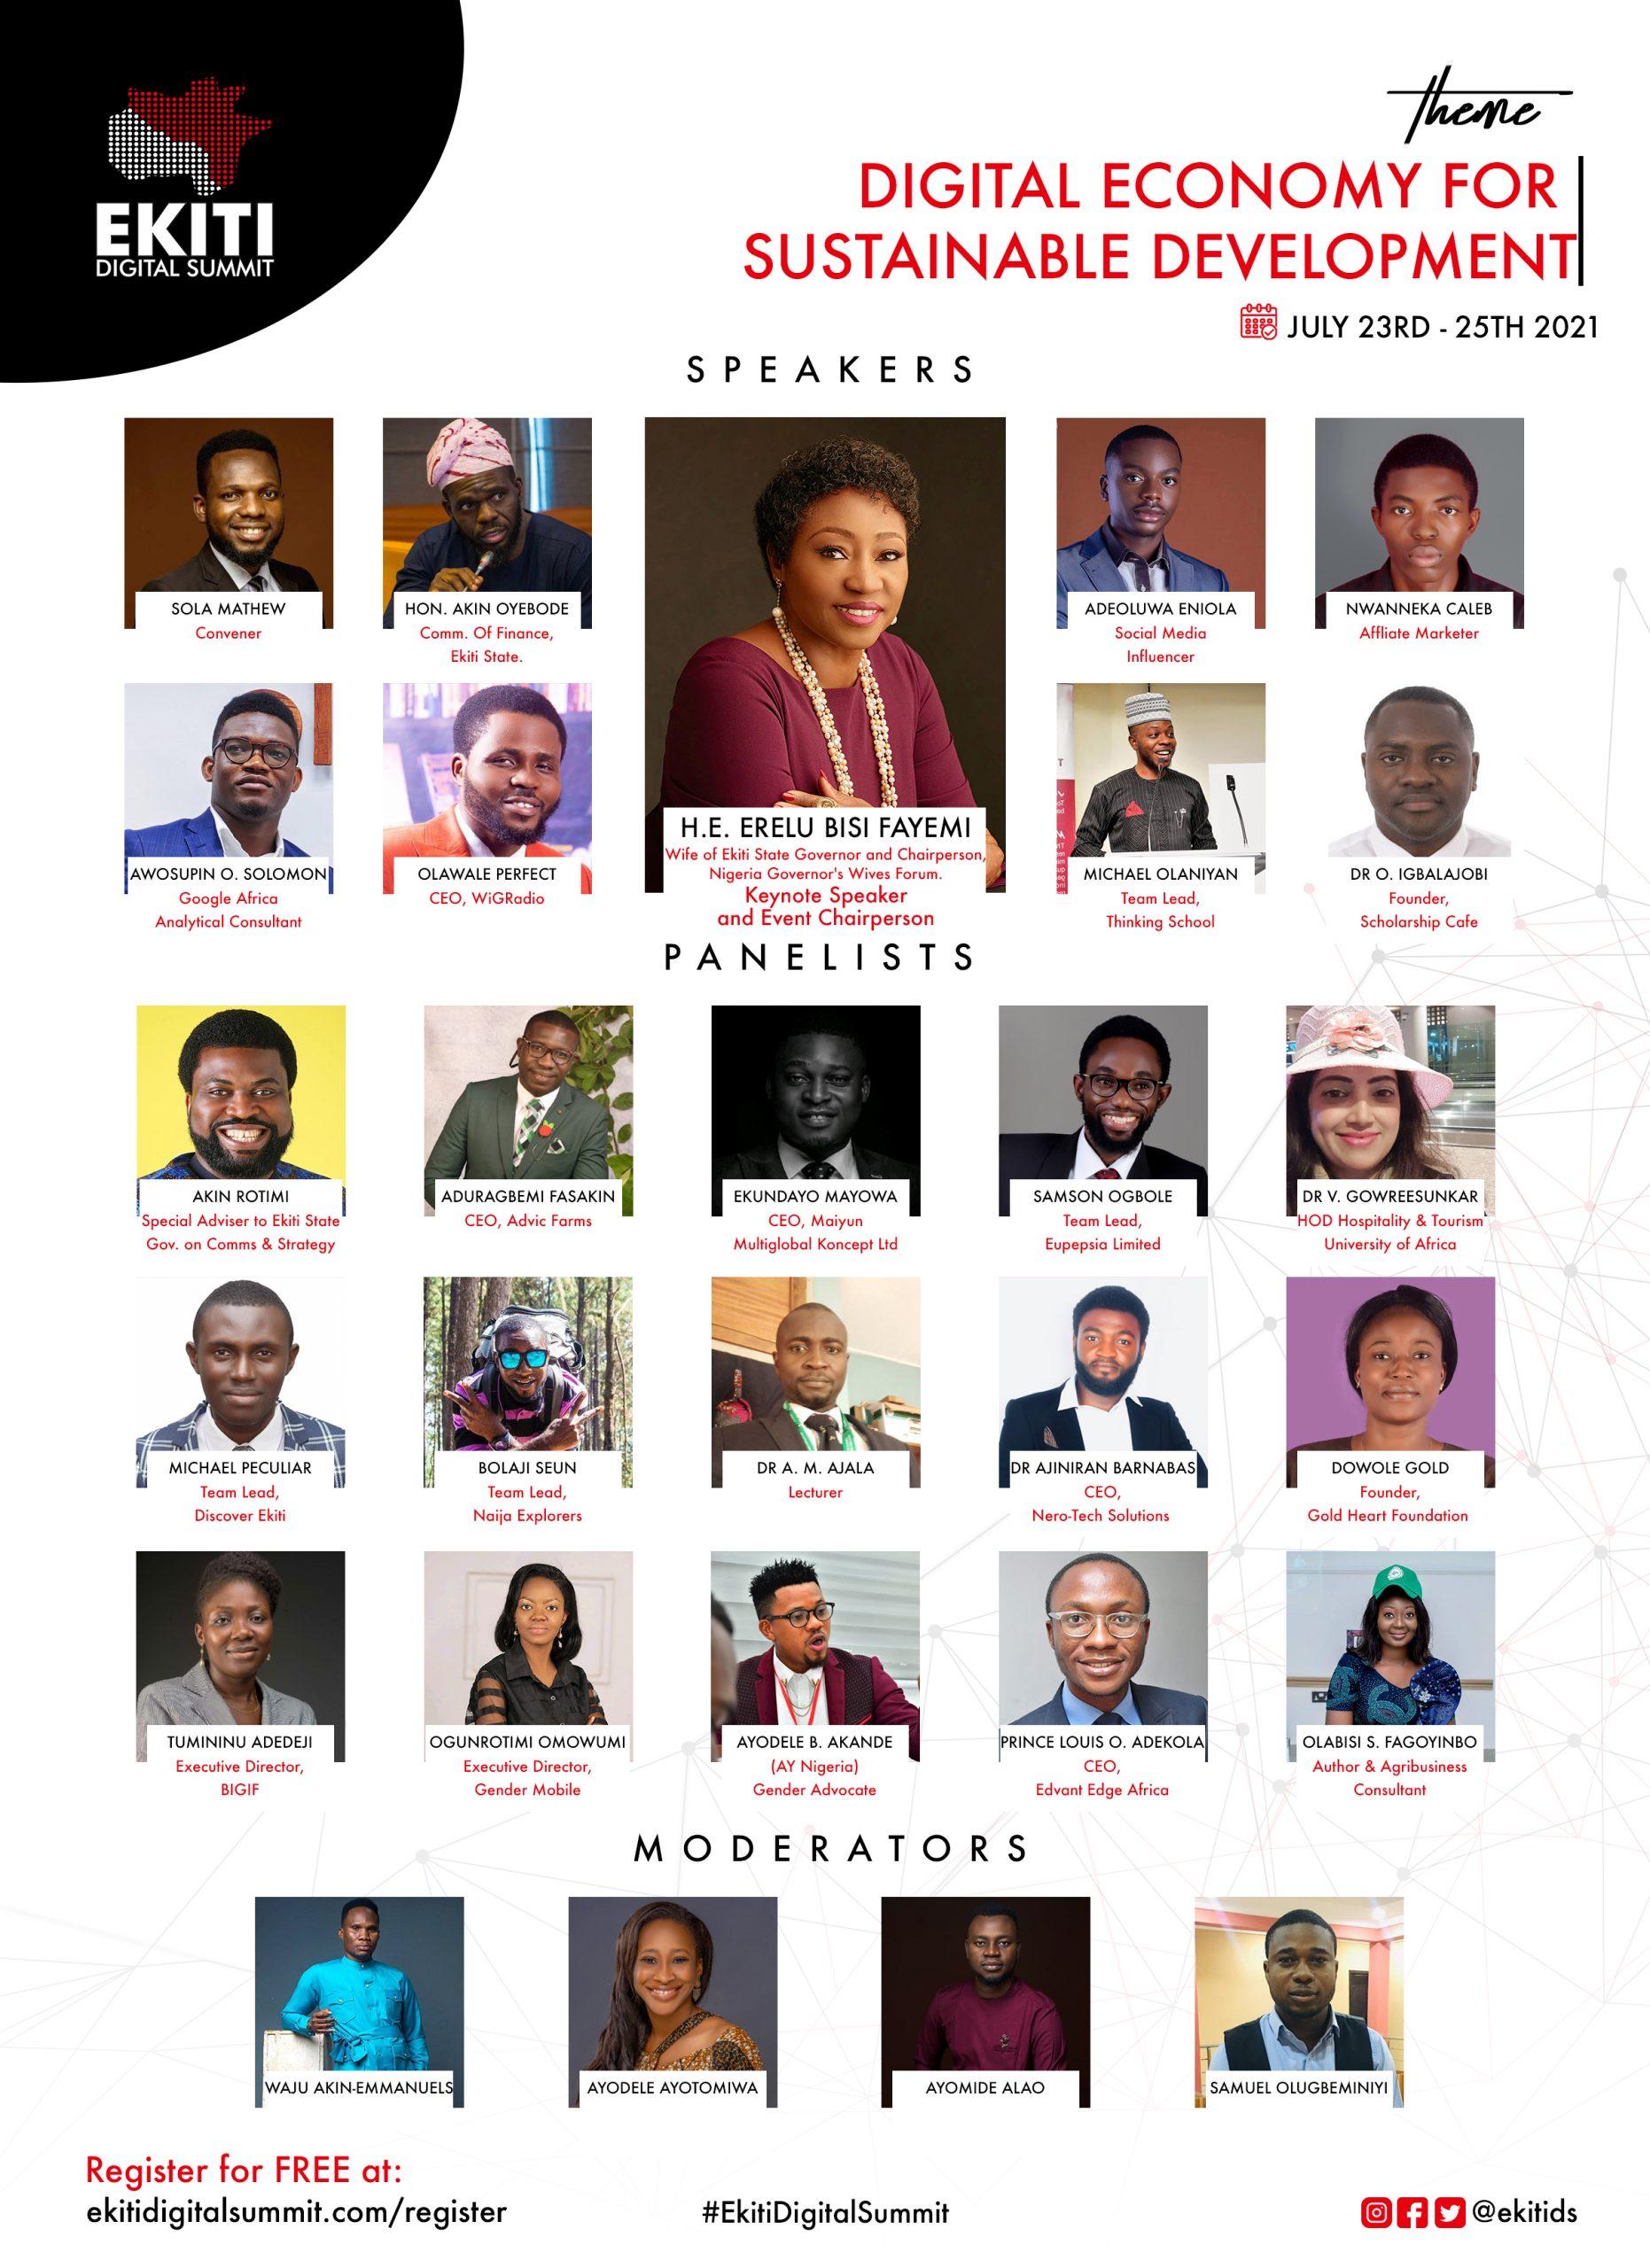 Ekiti Digital Summit 2021